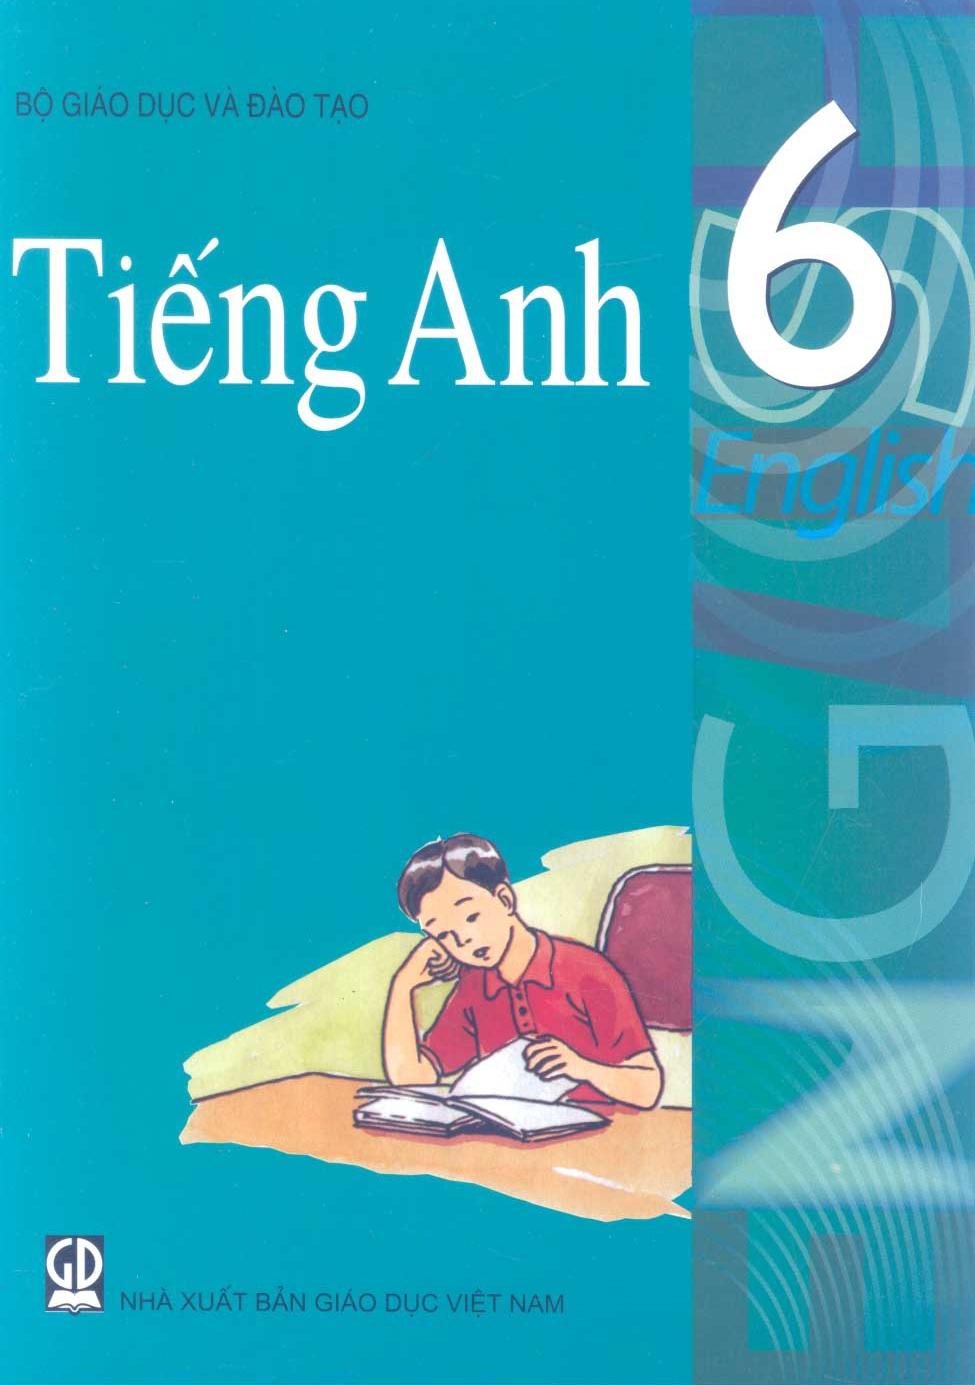 Sách giáo khoa Tiếng Anh 6